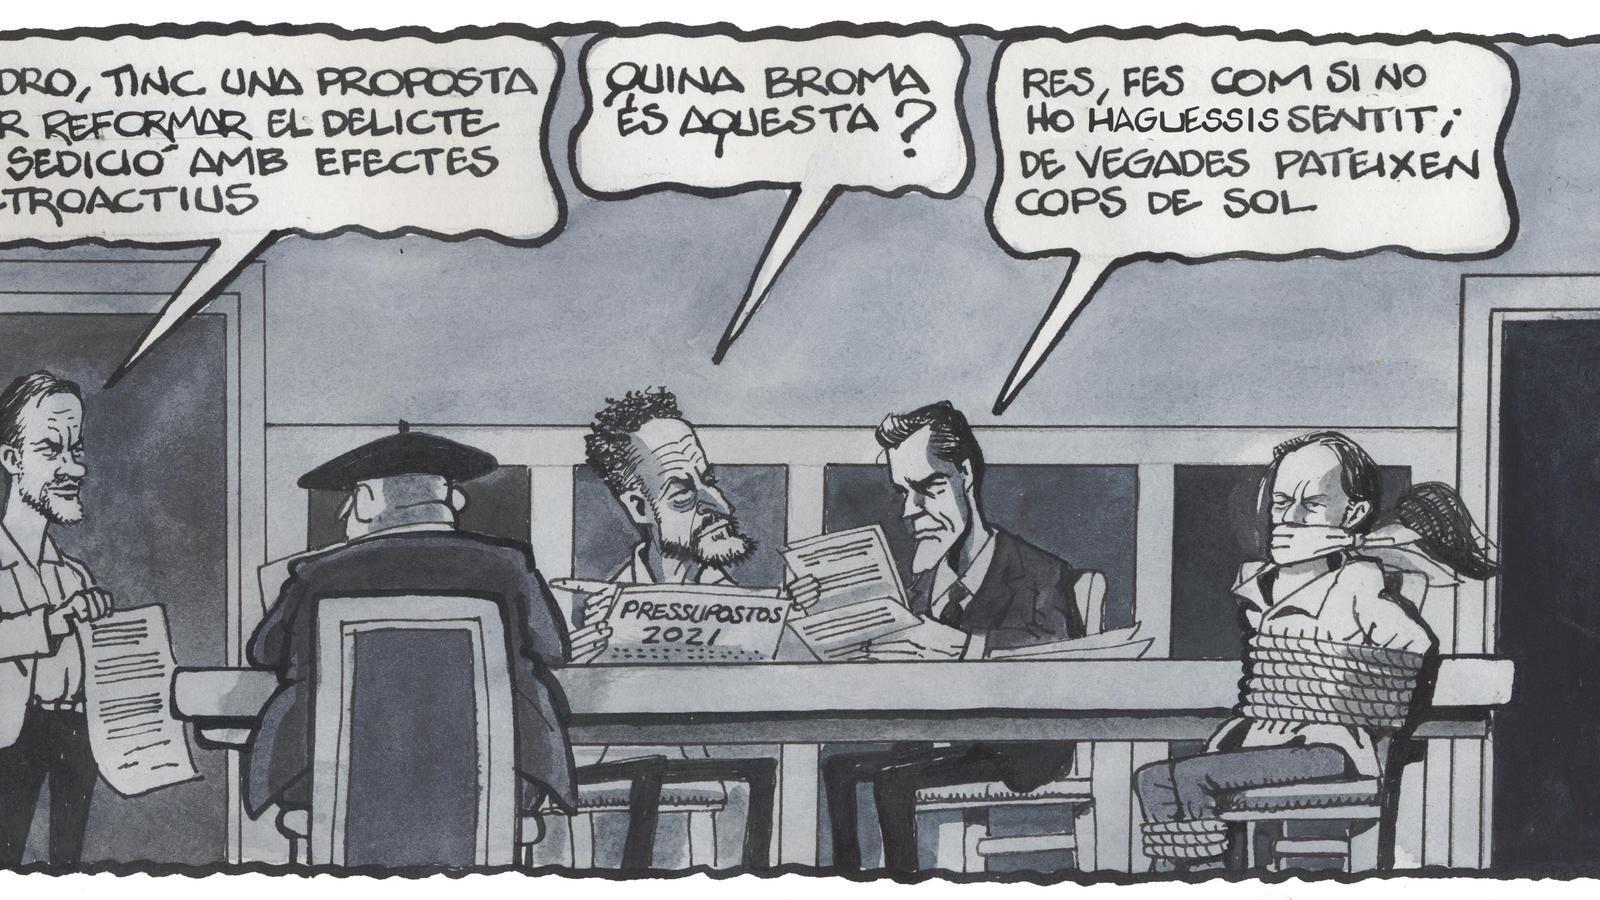 'A la contra', per Ferreres 08/08/2020